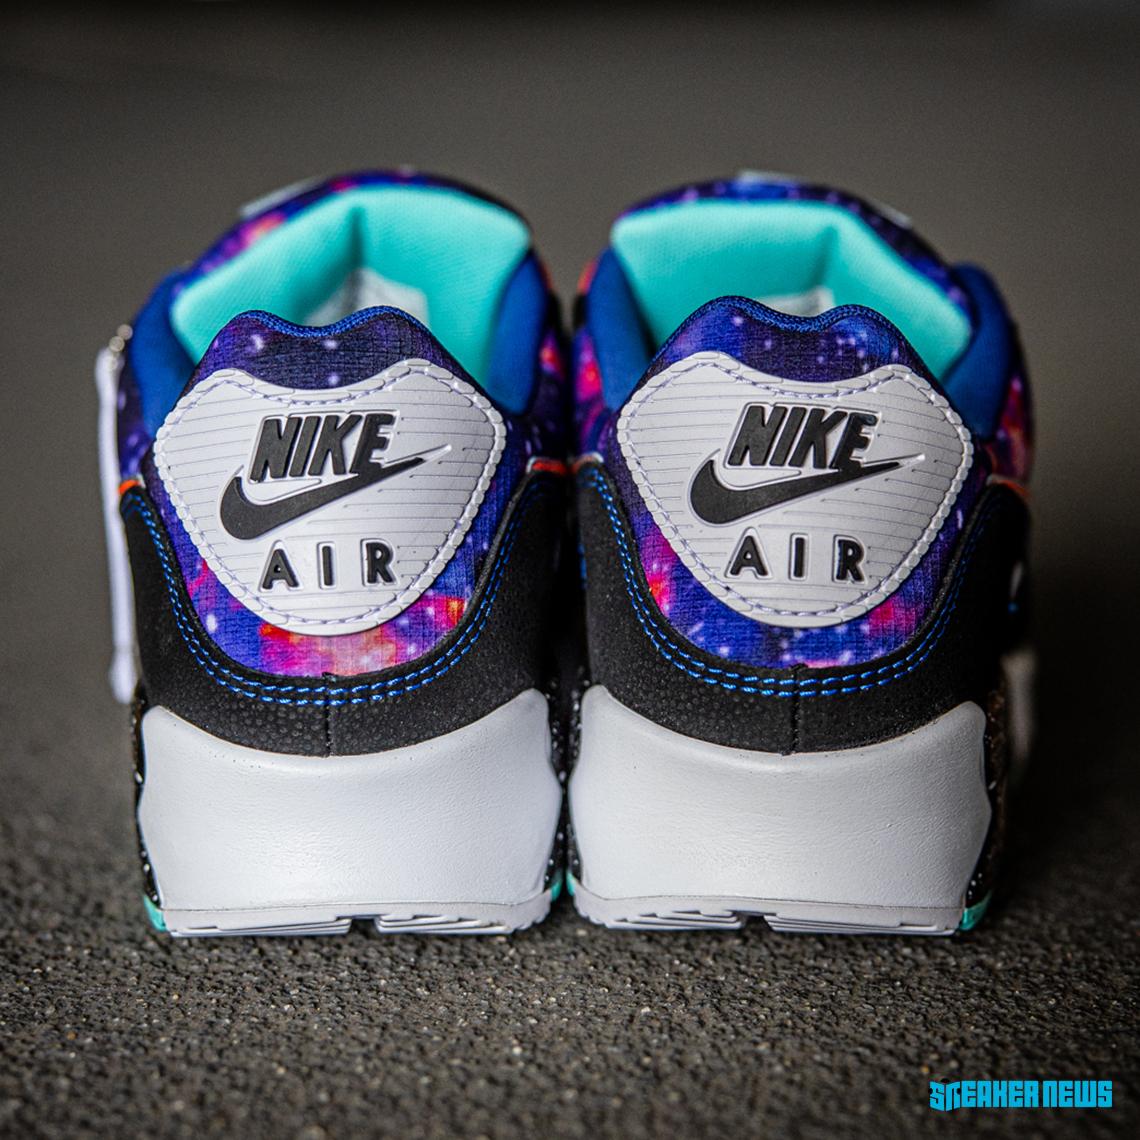 Pack Nike Air Max Space Galaxy Supernova Crumpe